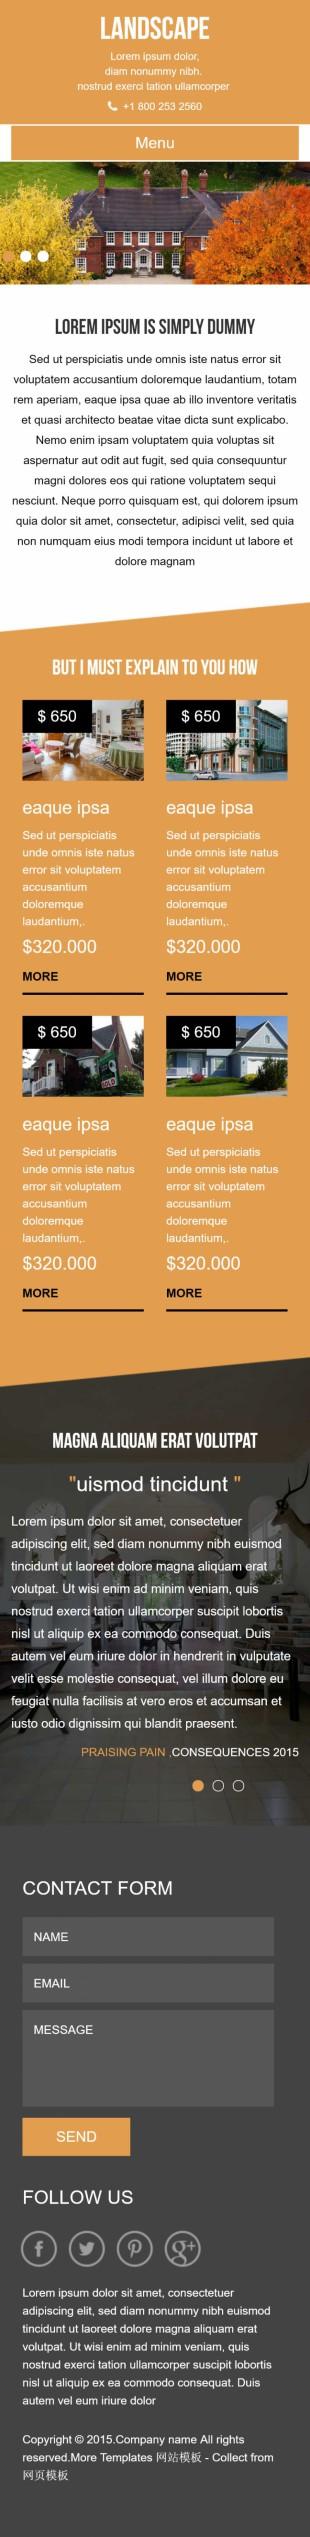 二手房地产中介推广专题英文网页模板手机图片